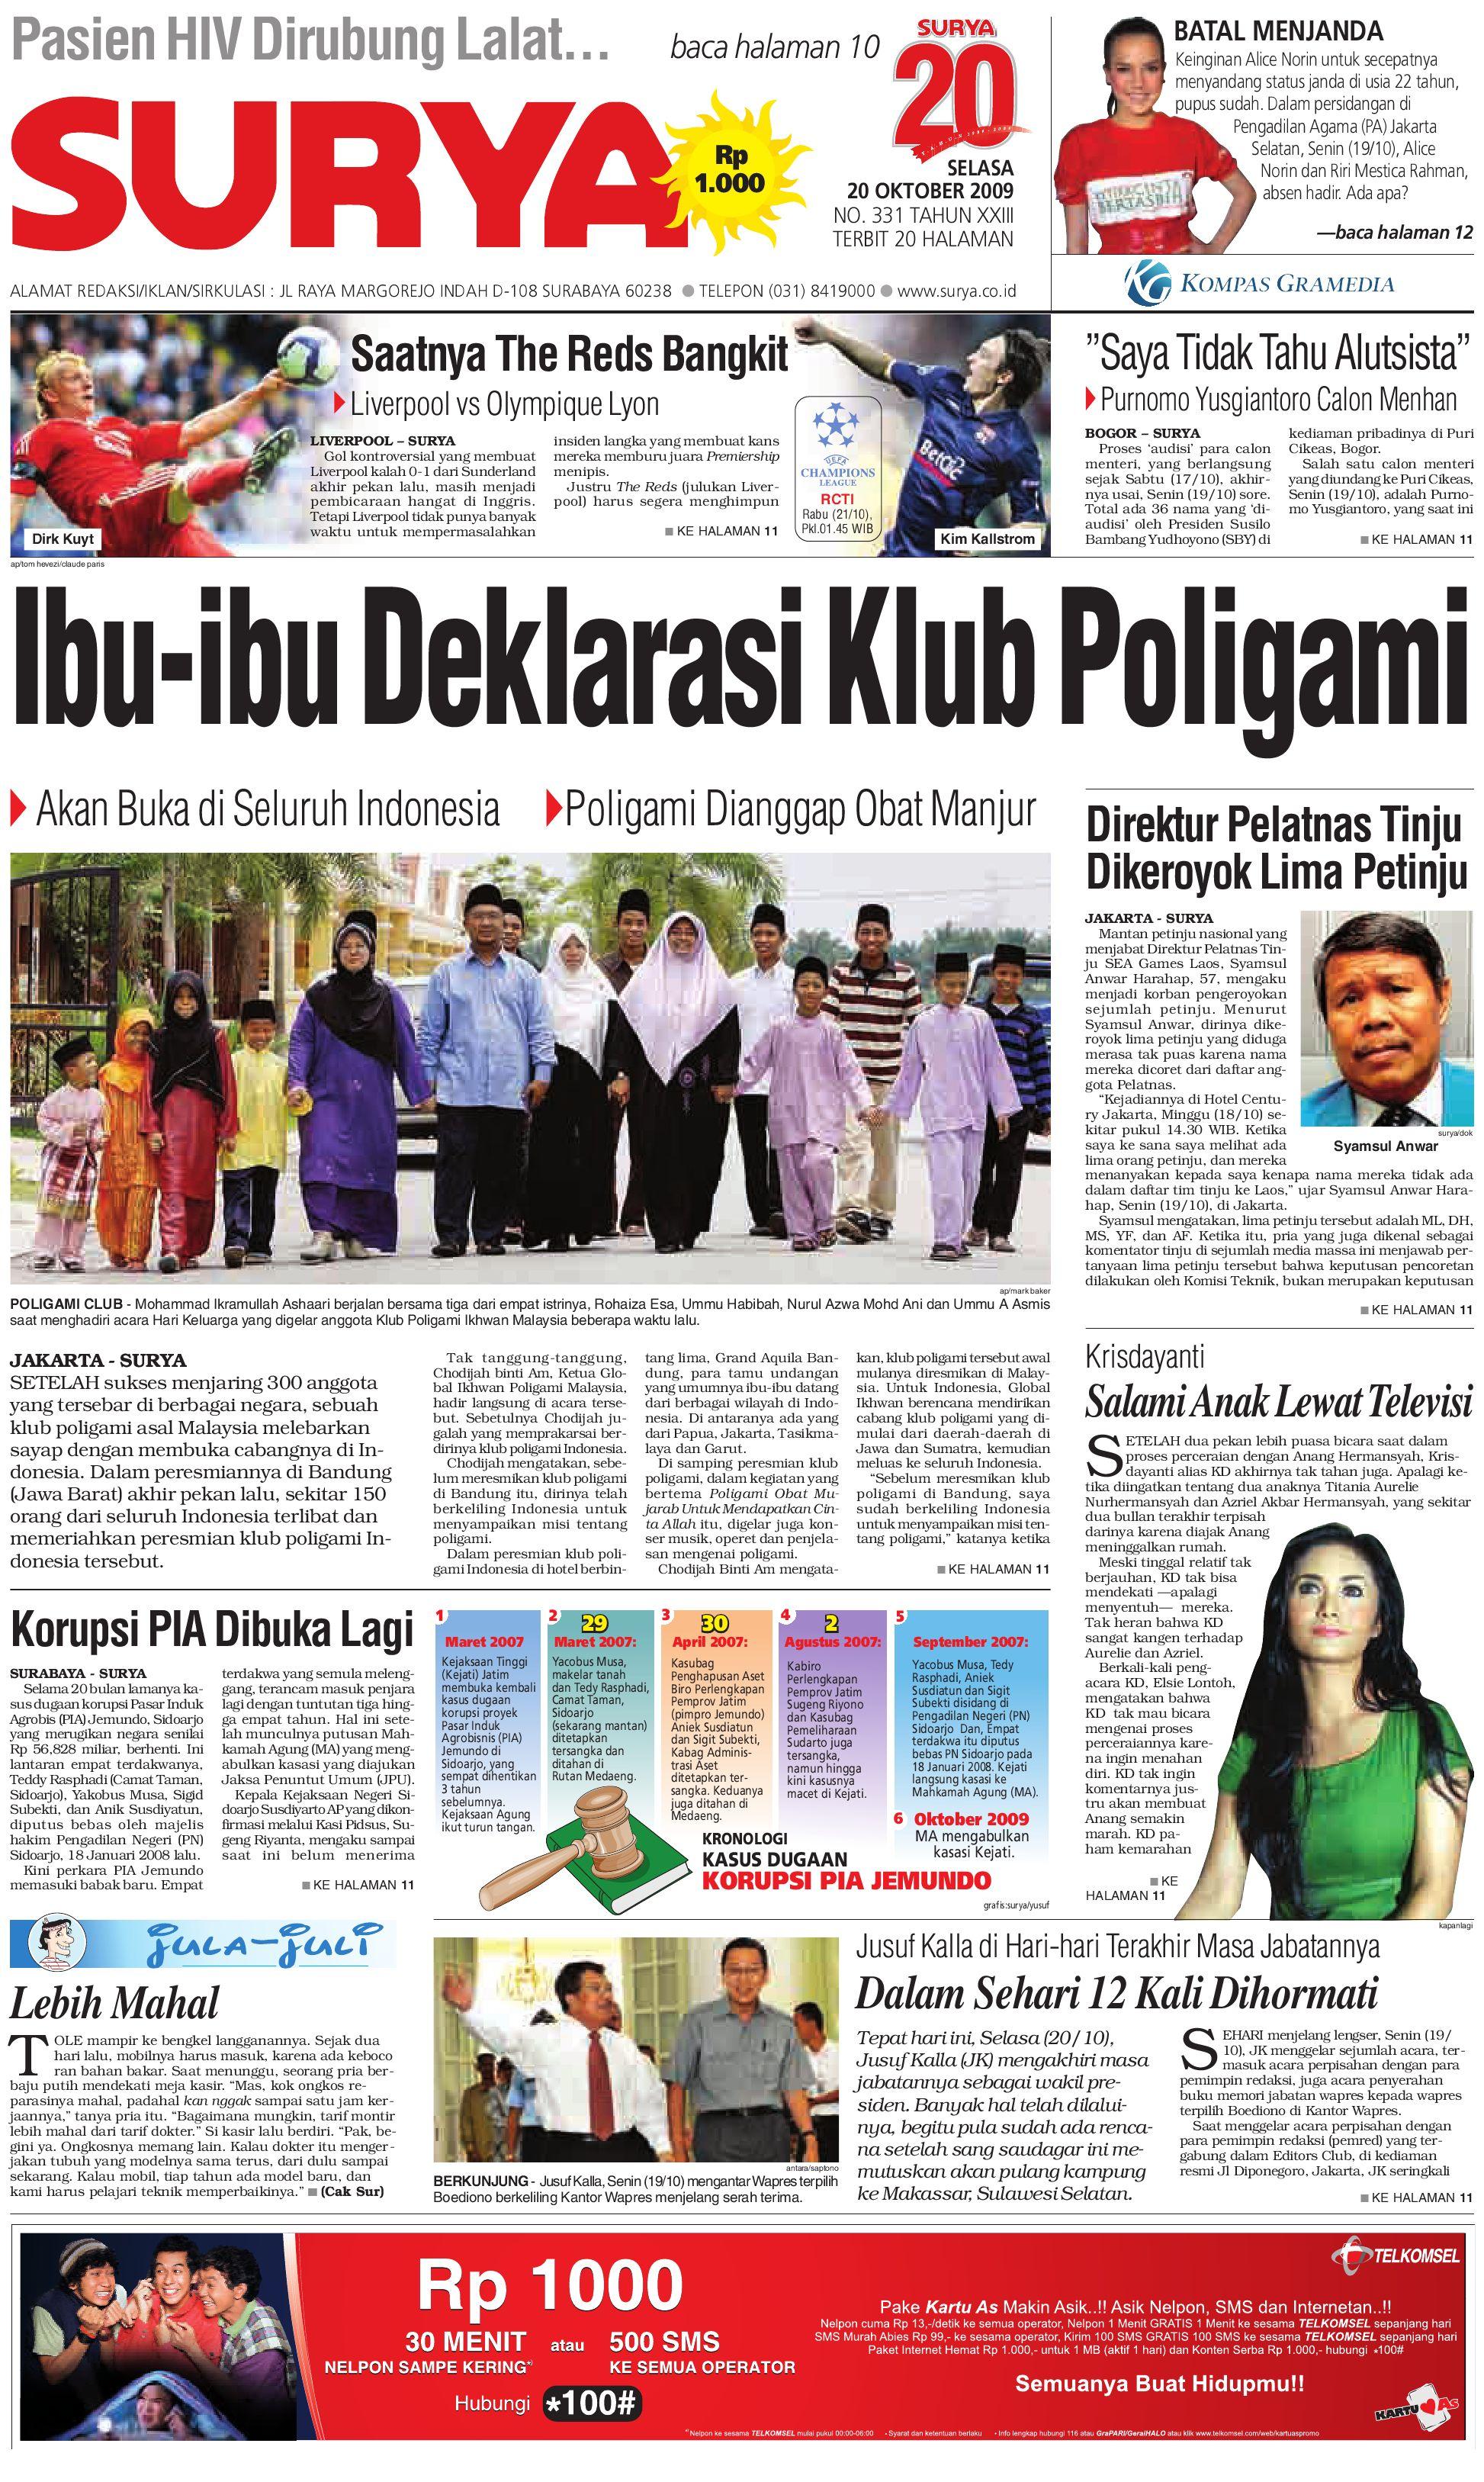 Surya Edsi Cetak 20 Okt 2009 By Harian Issuu Gendongan Bayi Depan Mbg 6201 Free Ongkir Jabodetabek